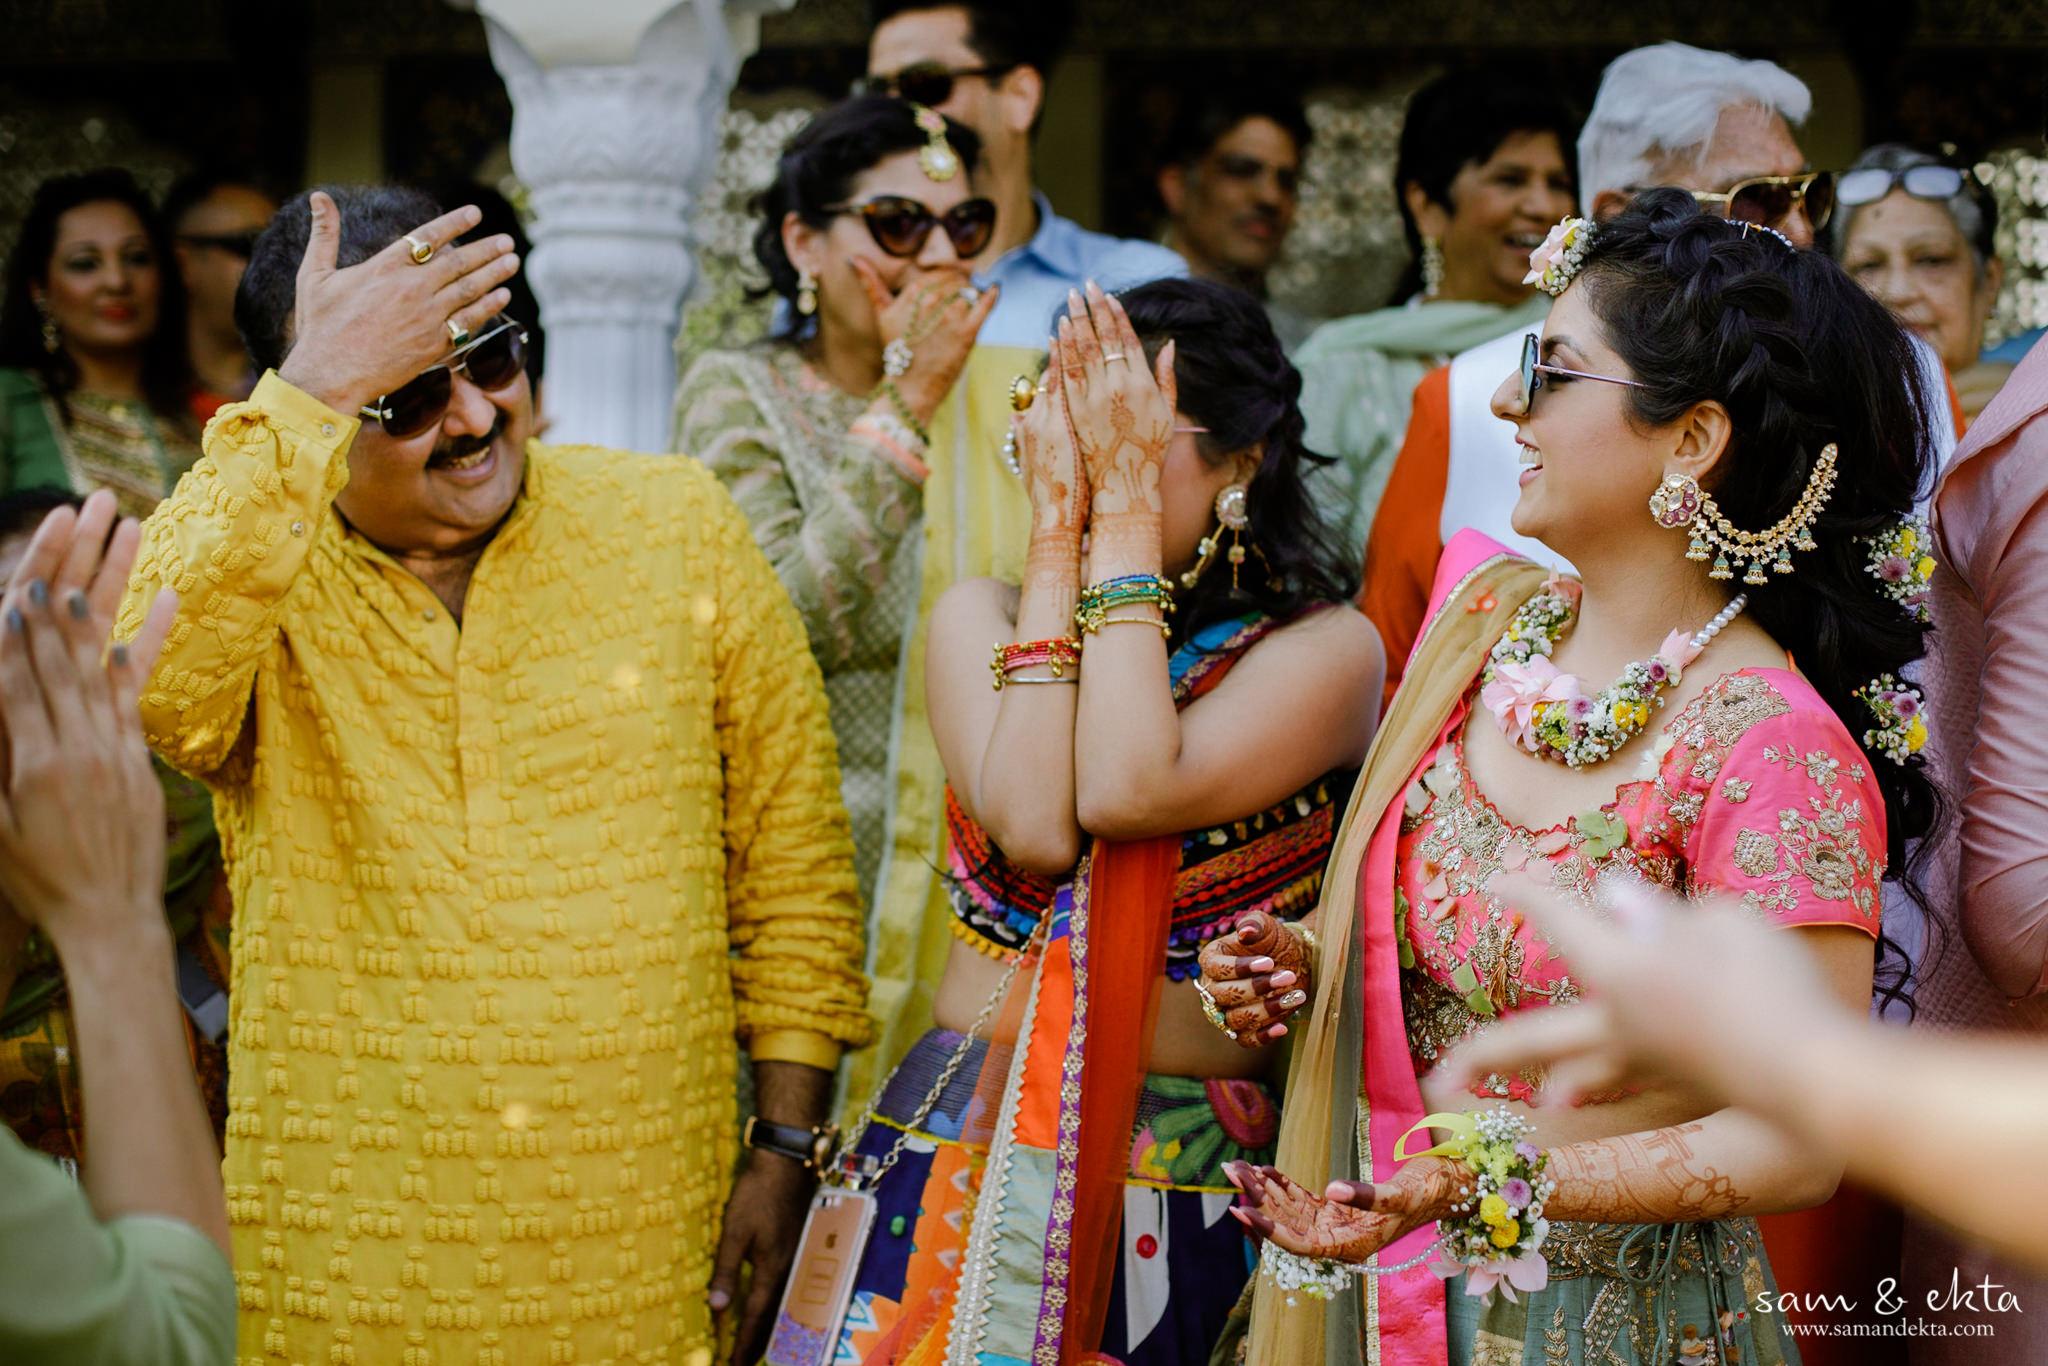 R&R_Marriott Jaipur_www.samandekta.com-24.jpg